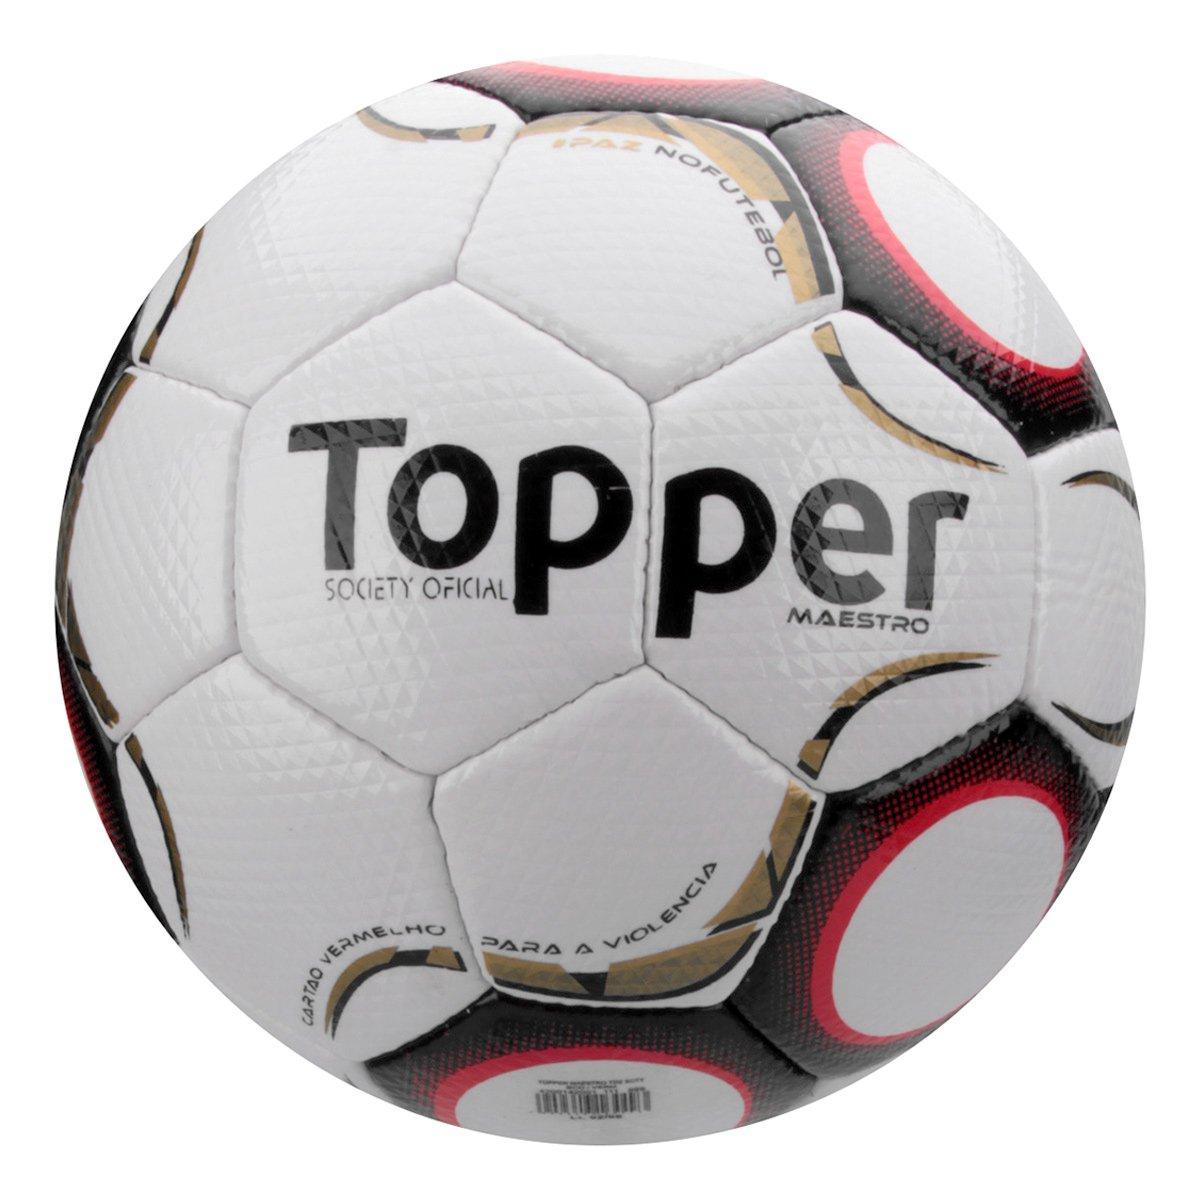 643d226298 Bola Futebol Society Topper Maestro Td2